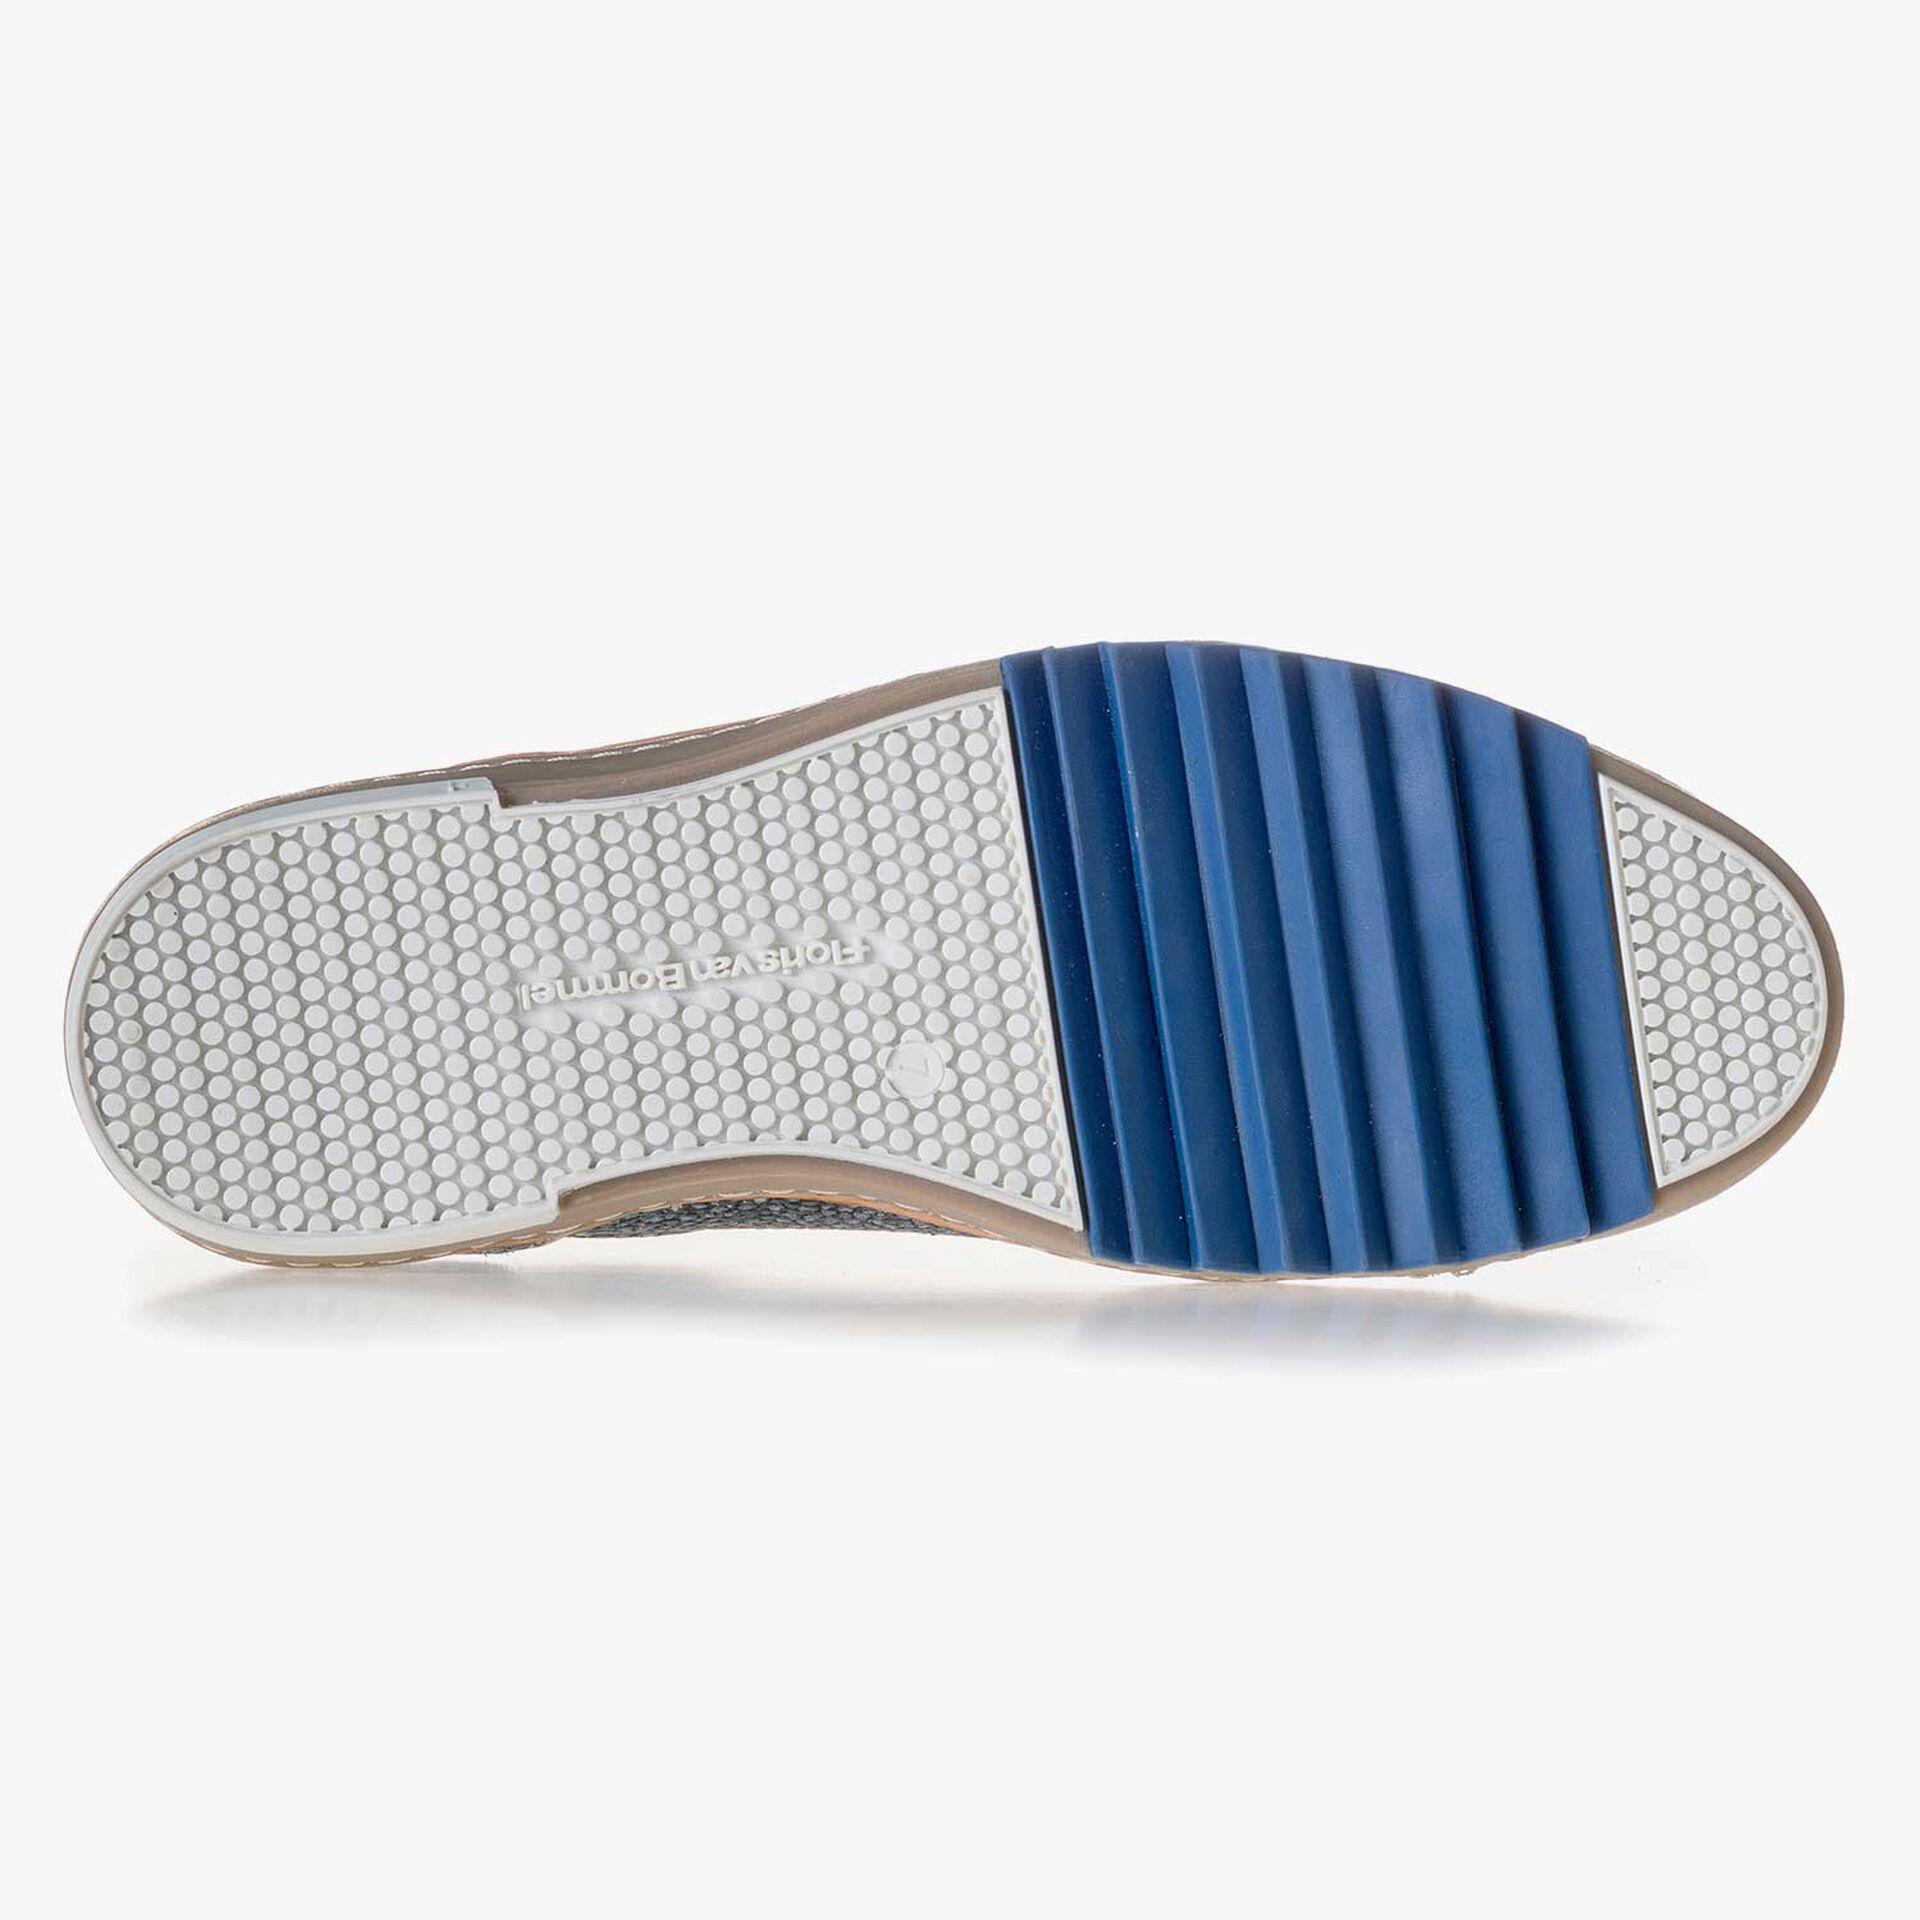 Blauer, gemusterter Leder Sneaker